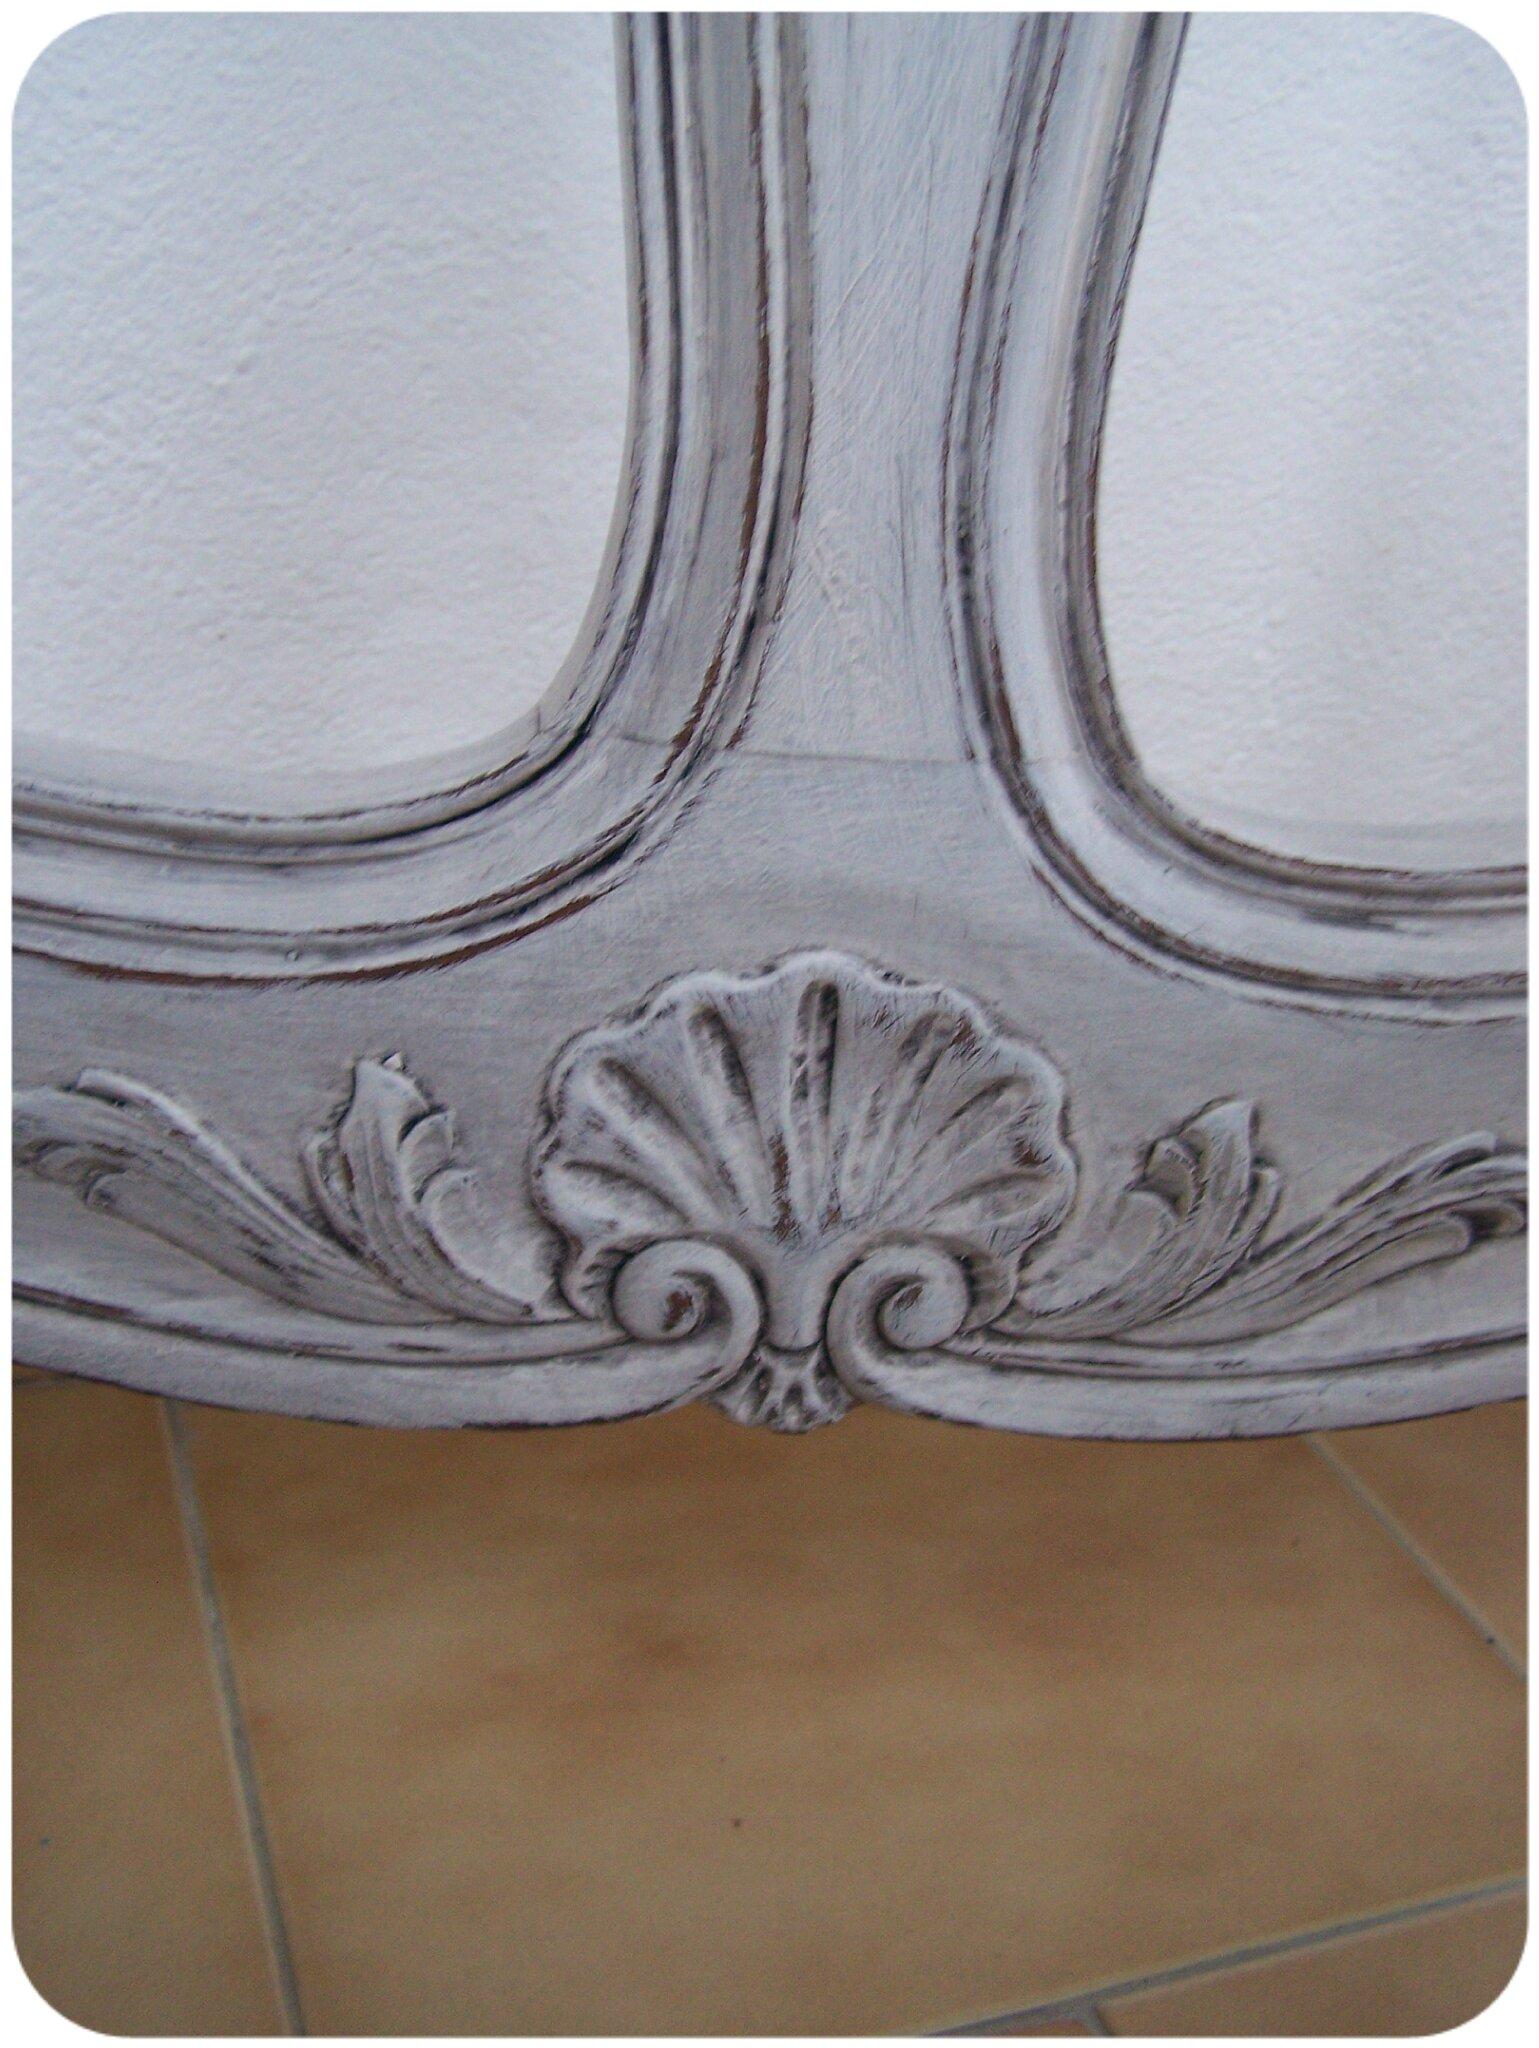 lit patiné detail2